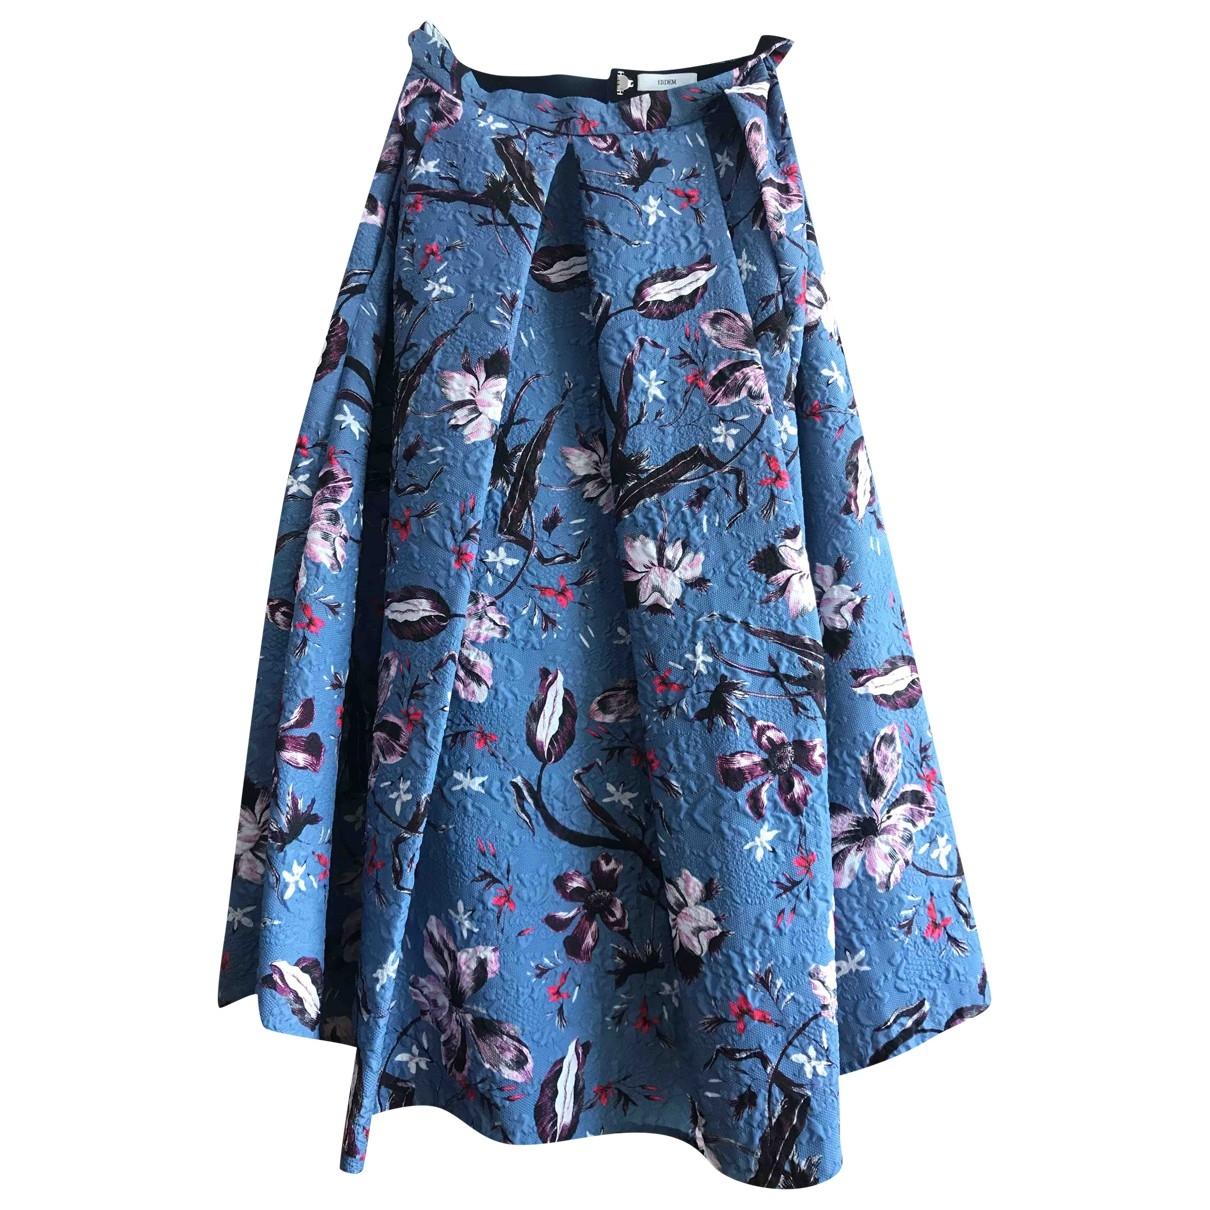 Erdem \N Blue skirt for Women 12 UK